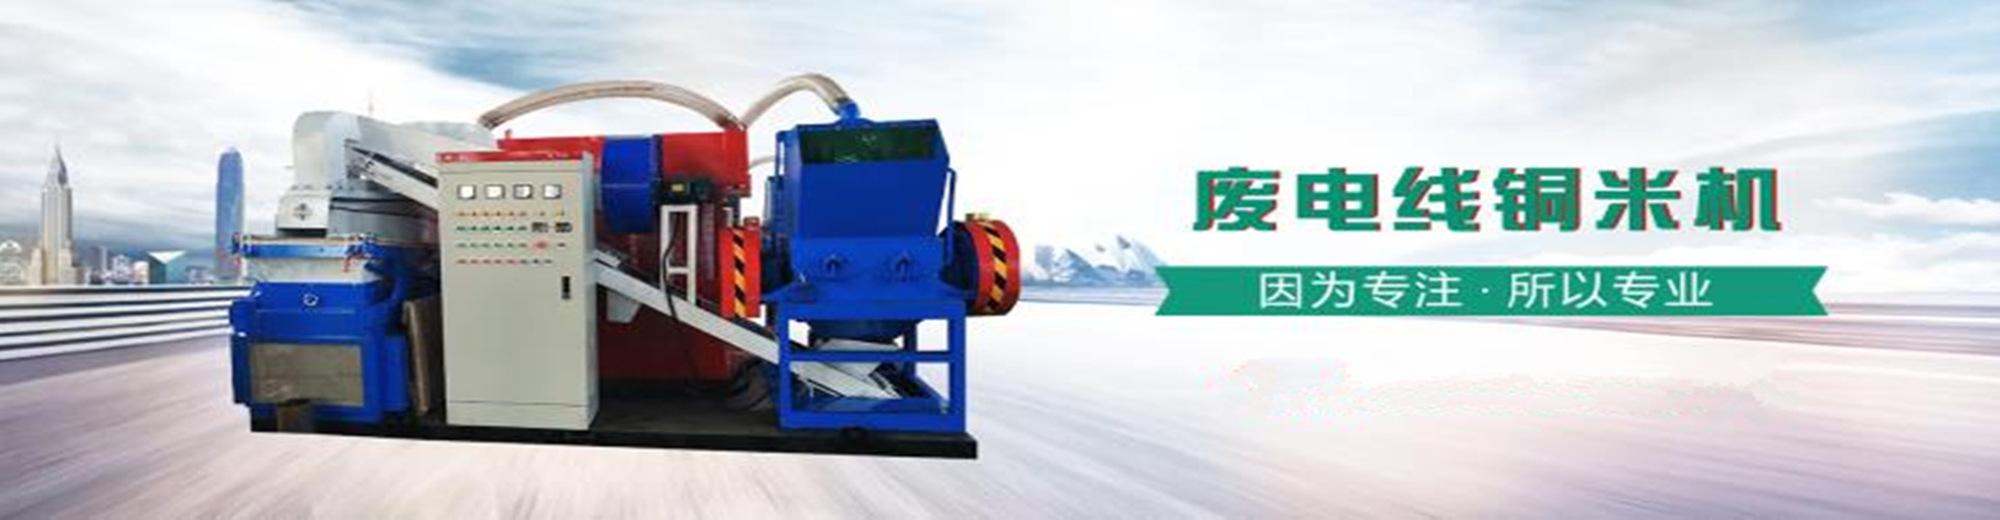 郑州升帆机械设备有限公司